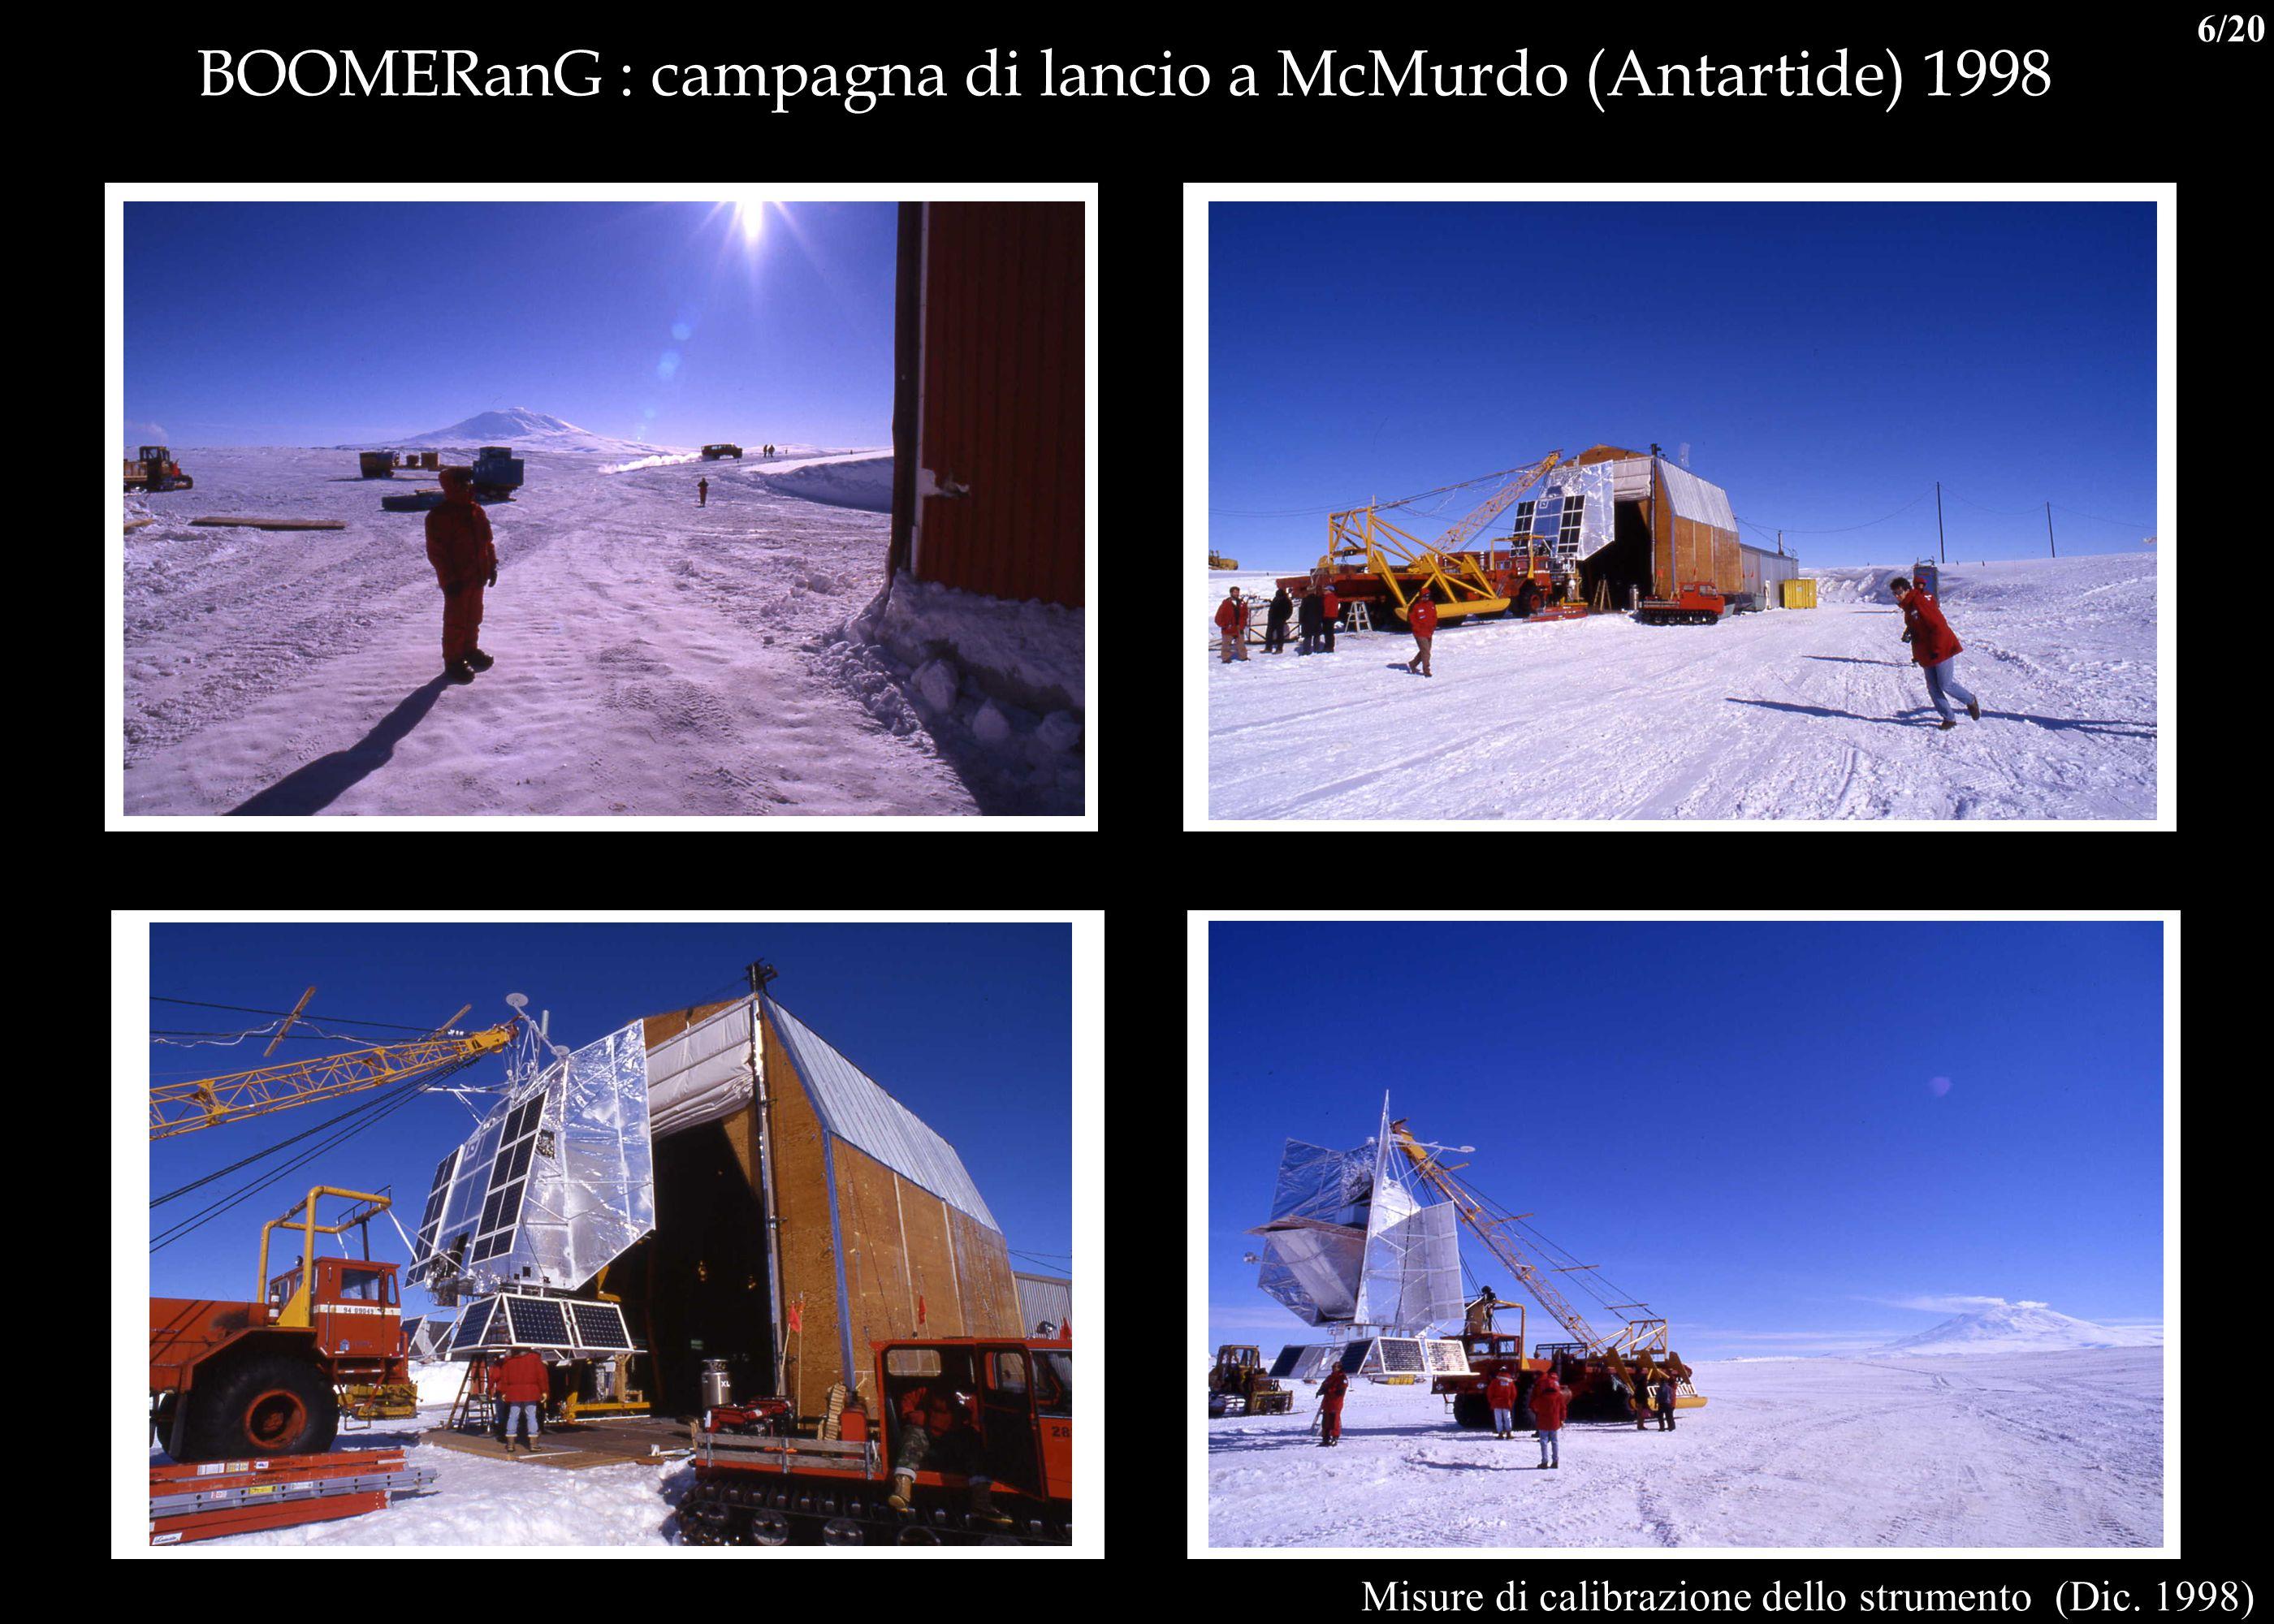 BOOMERanG : campagna di lancio a McMurdo (Antartide) 1998